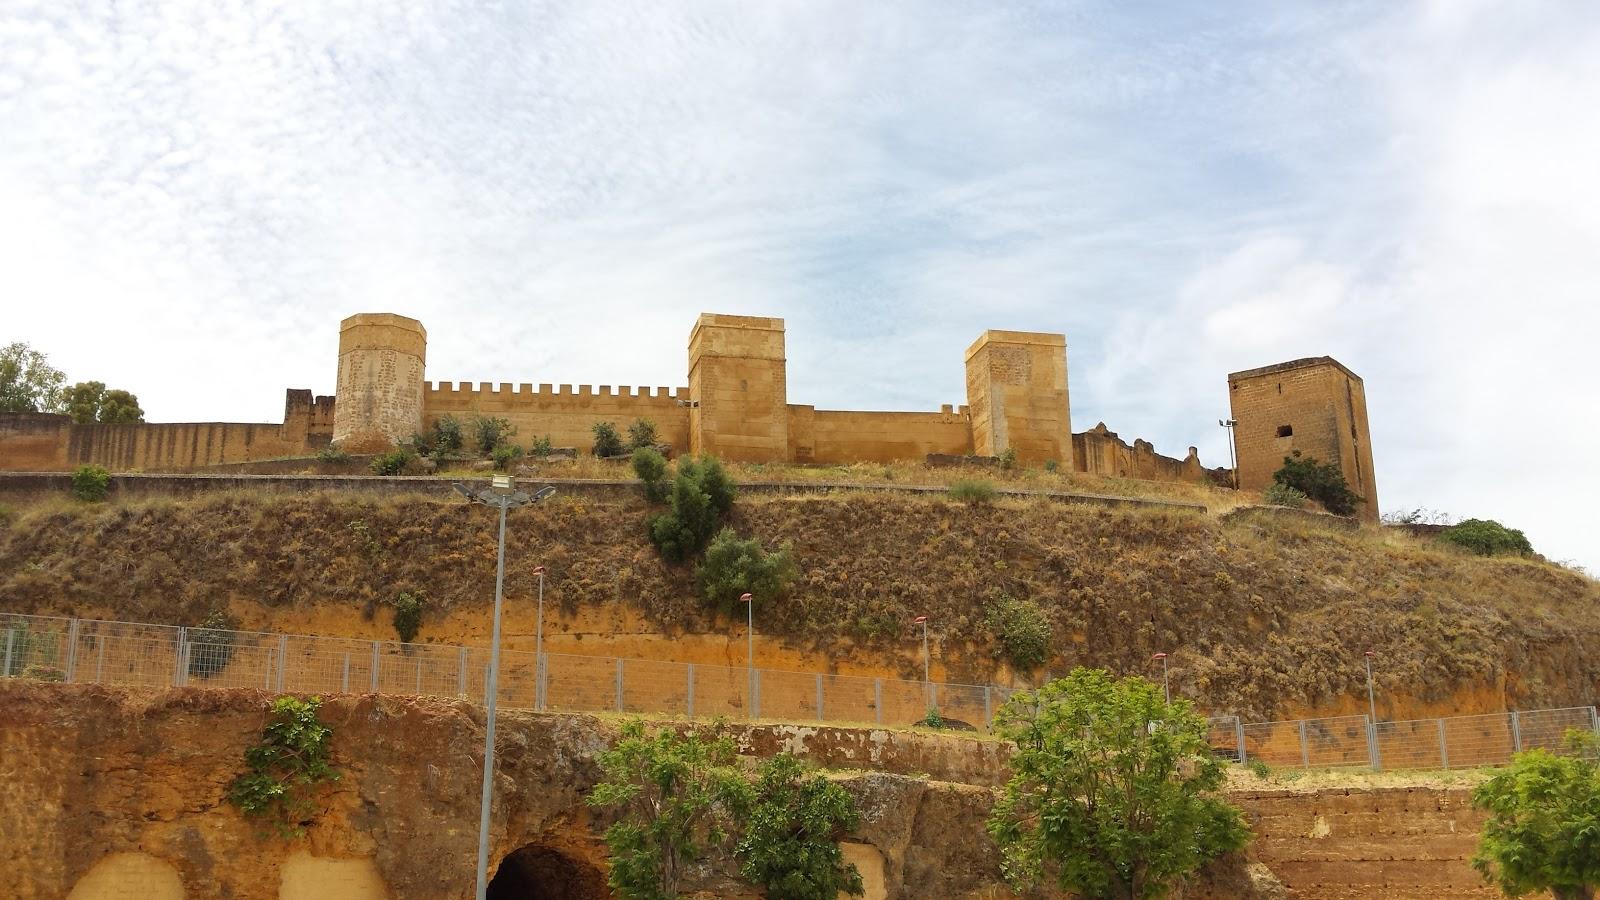 El Castillo de Alcalá de Guadaíra